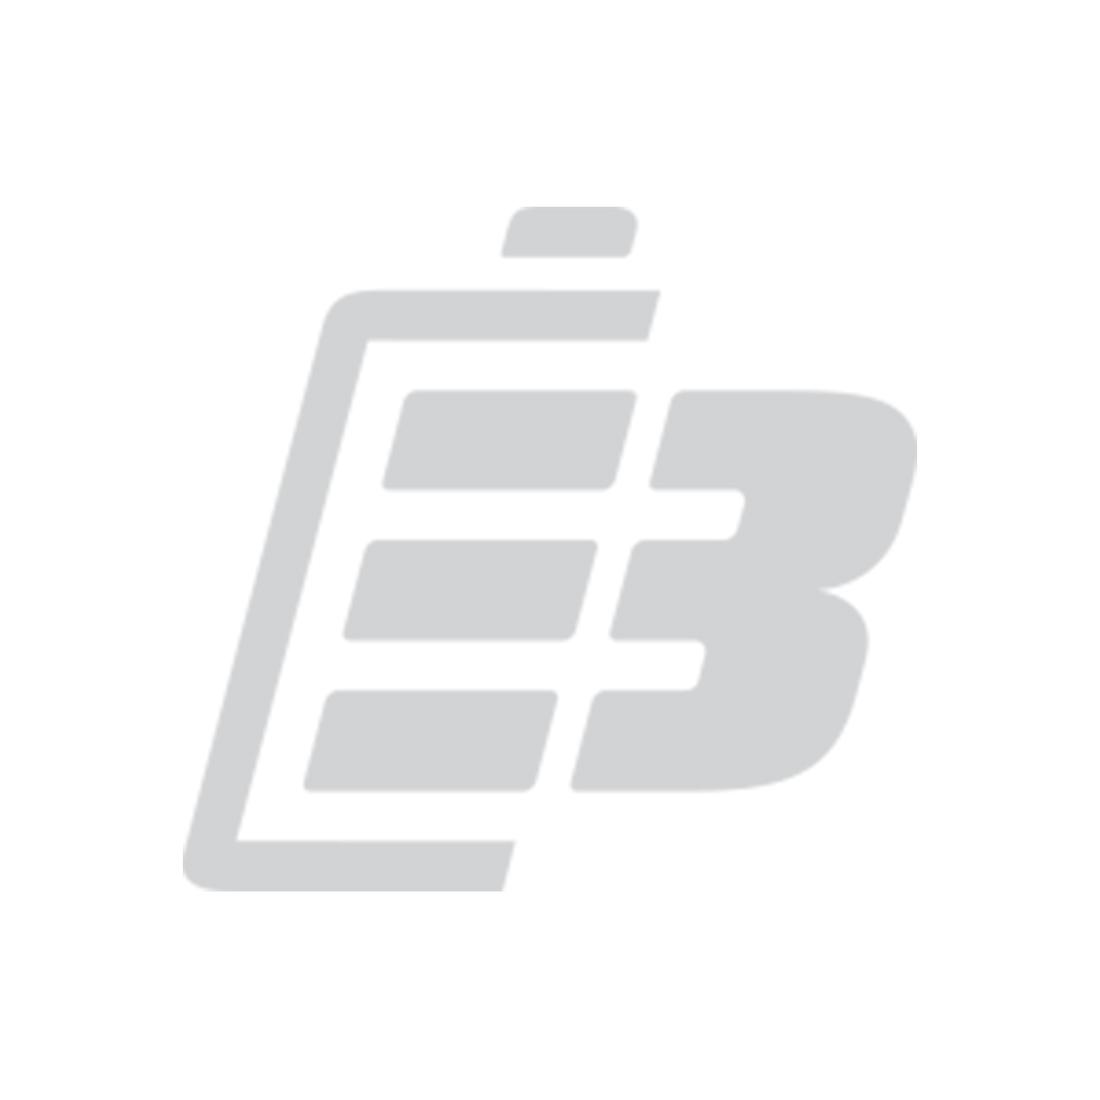 Μπαταρία barcode scanner Casio IT10_1